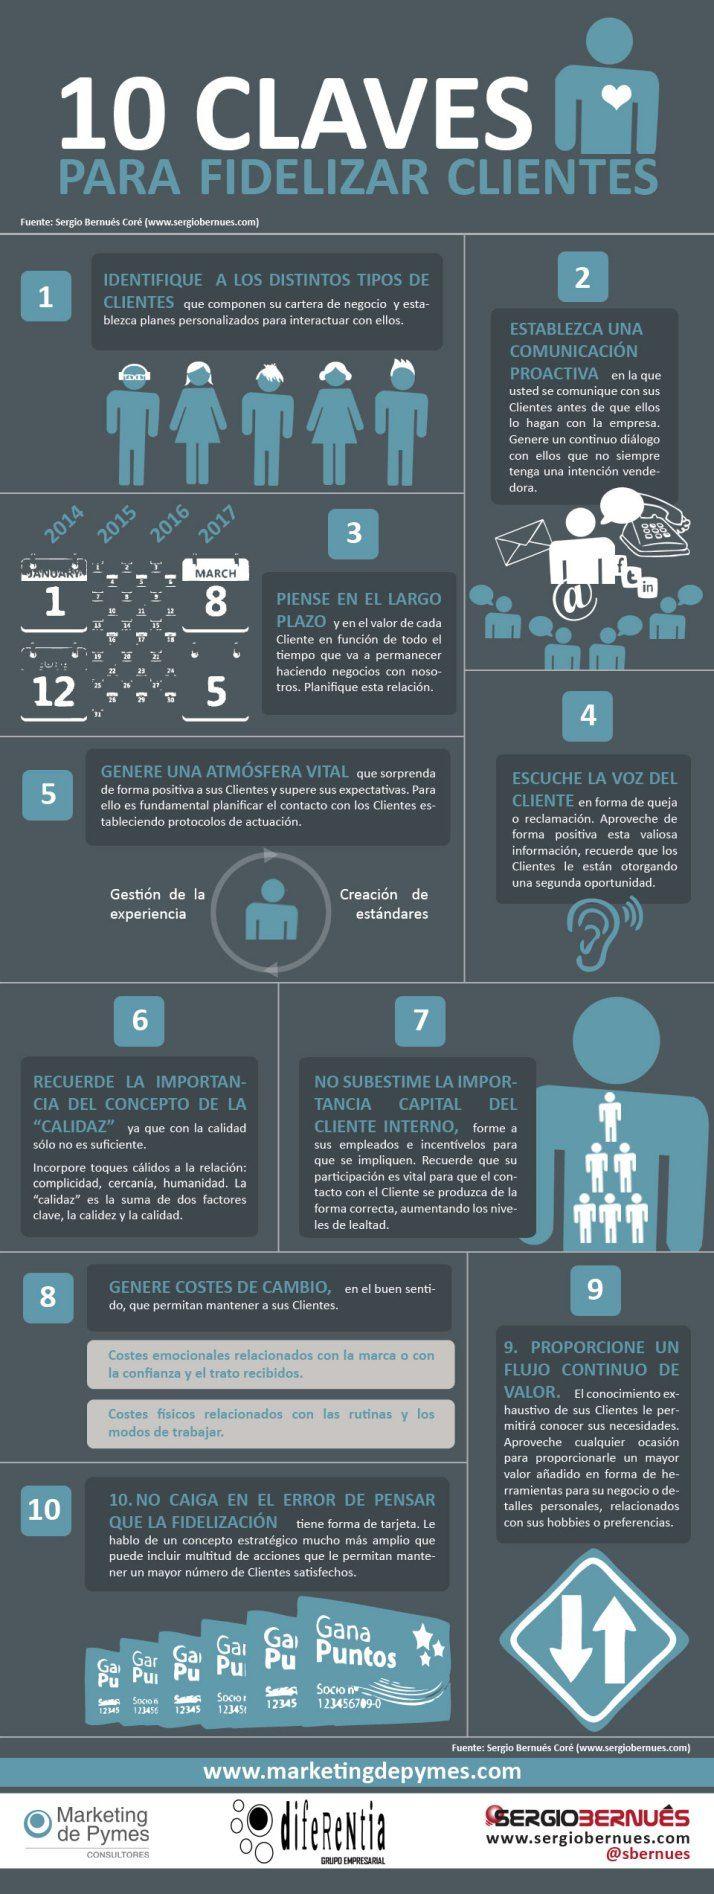 10 claves para fidelizar clientes #infografia #infographic #marketing